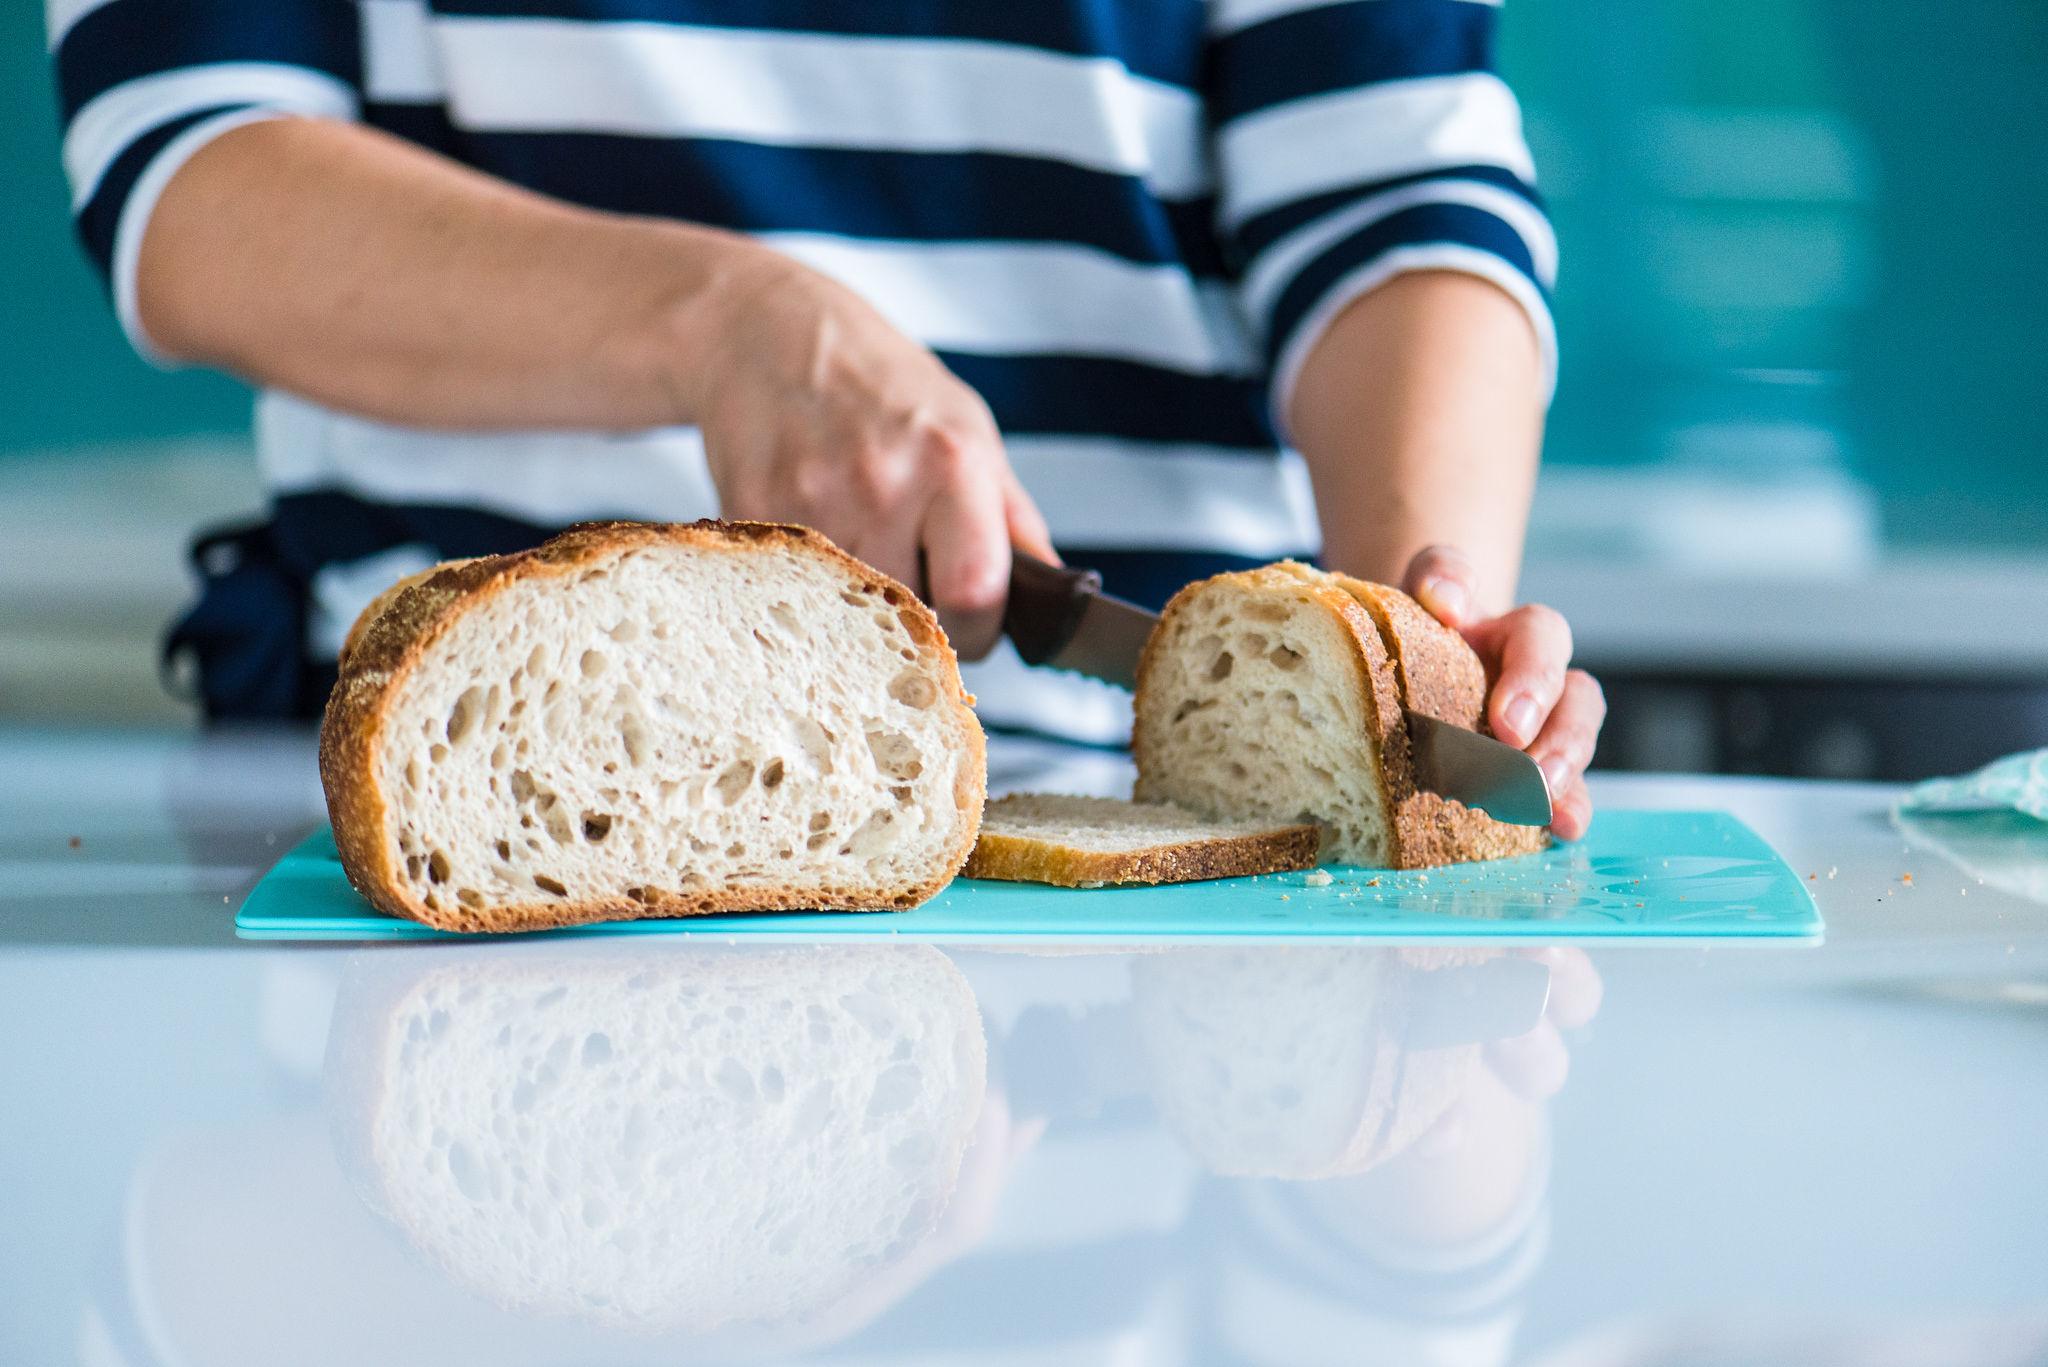 jenais-kenyer-5-hozzavalo-szabo-jucus_2.JPG